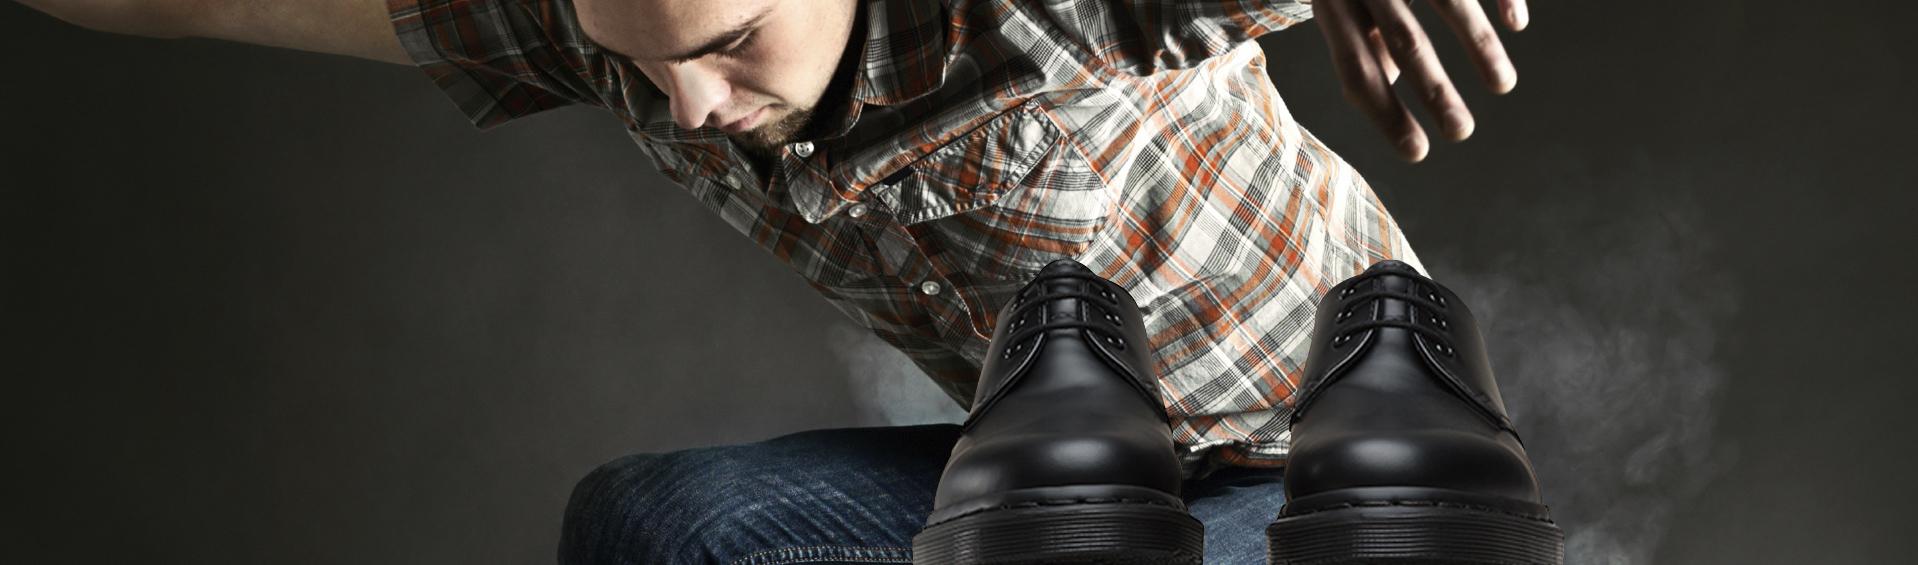 scarpe-Dr.-Martens-scarpelli-calzature-prato